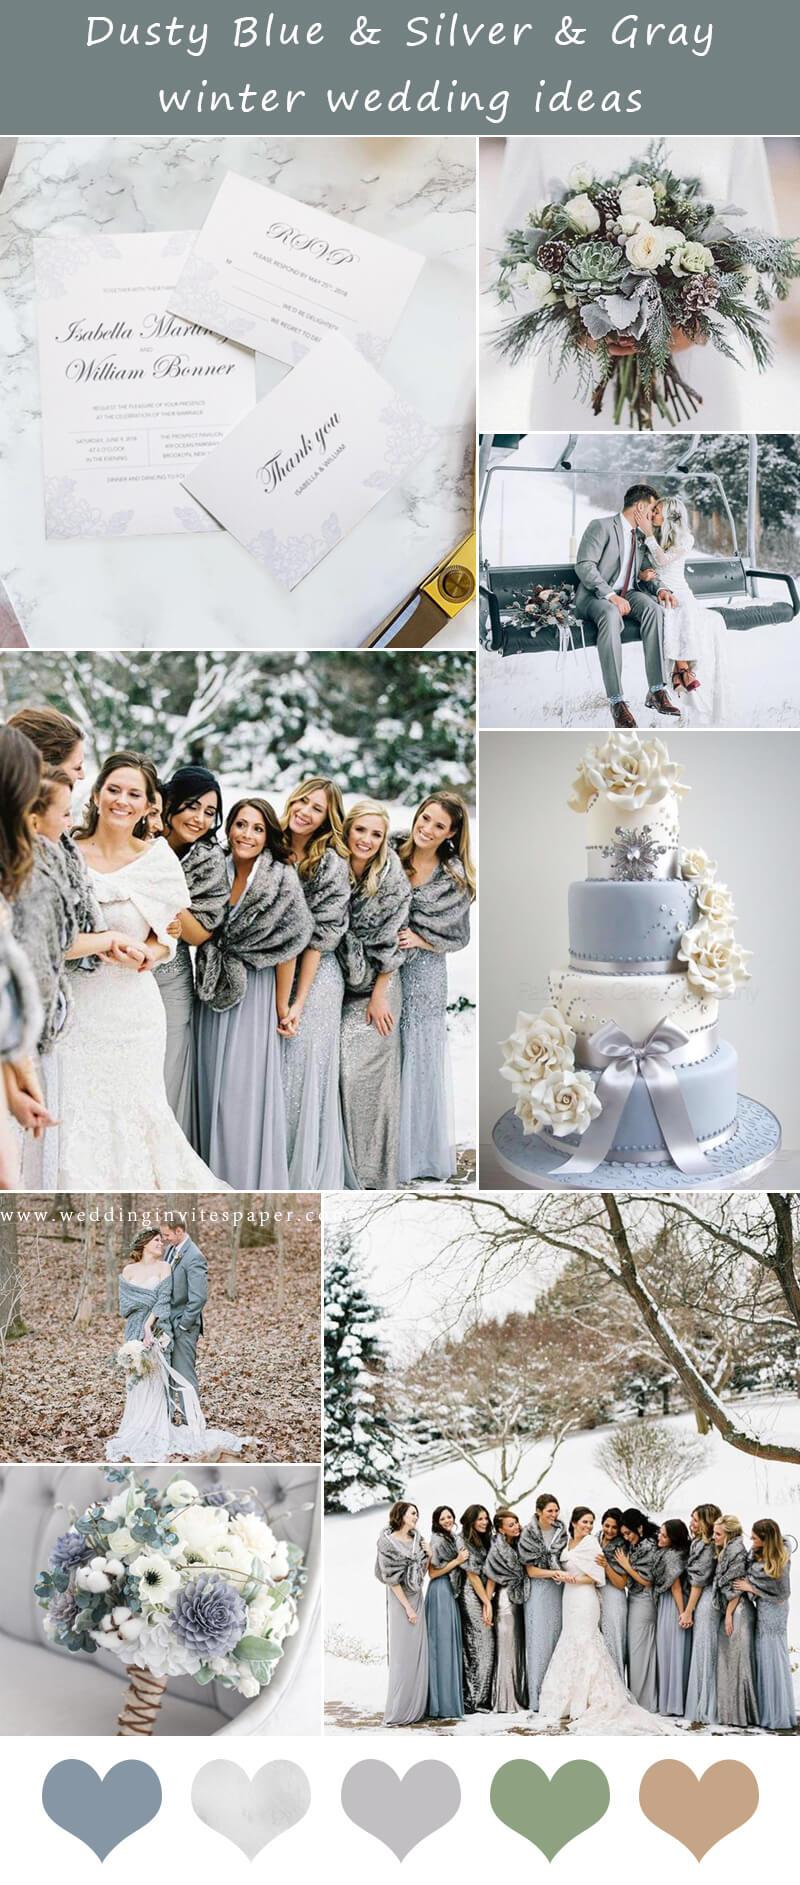 Dusty Blue & Silver & Gray winter wedding ideas.jpg